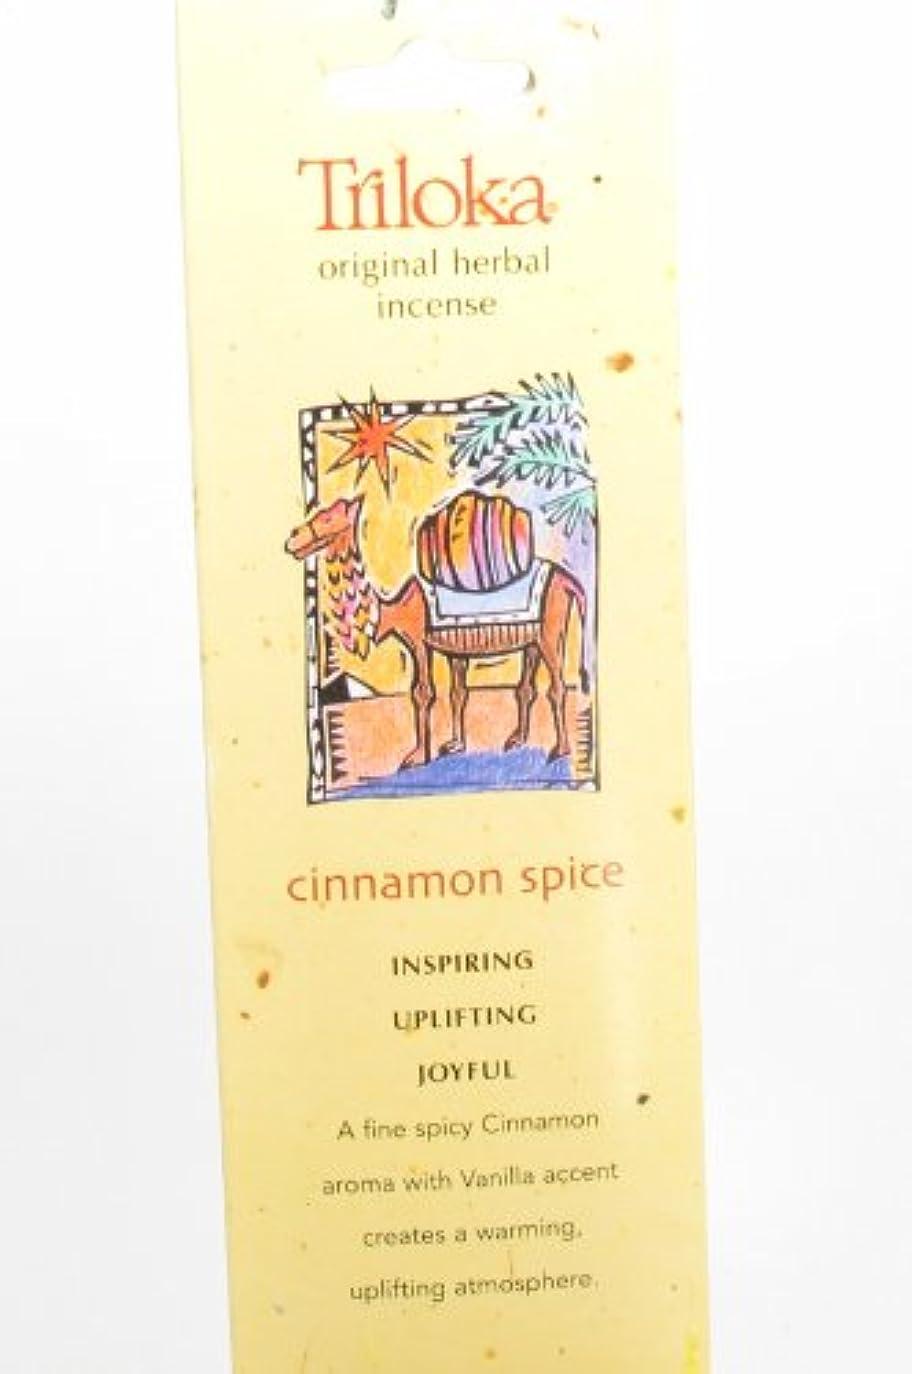 スマッシュルート仮定するCinnamon Spice – Triloka元Herbal Incense Sticks